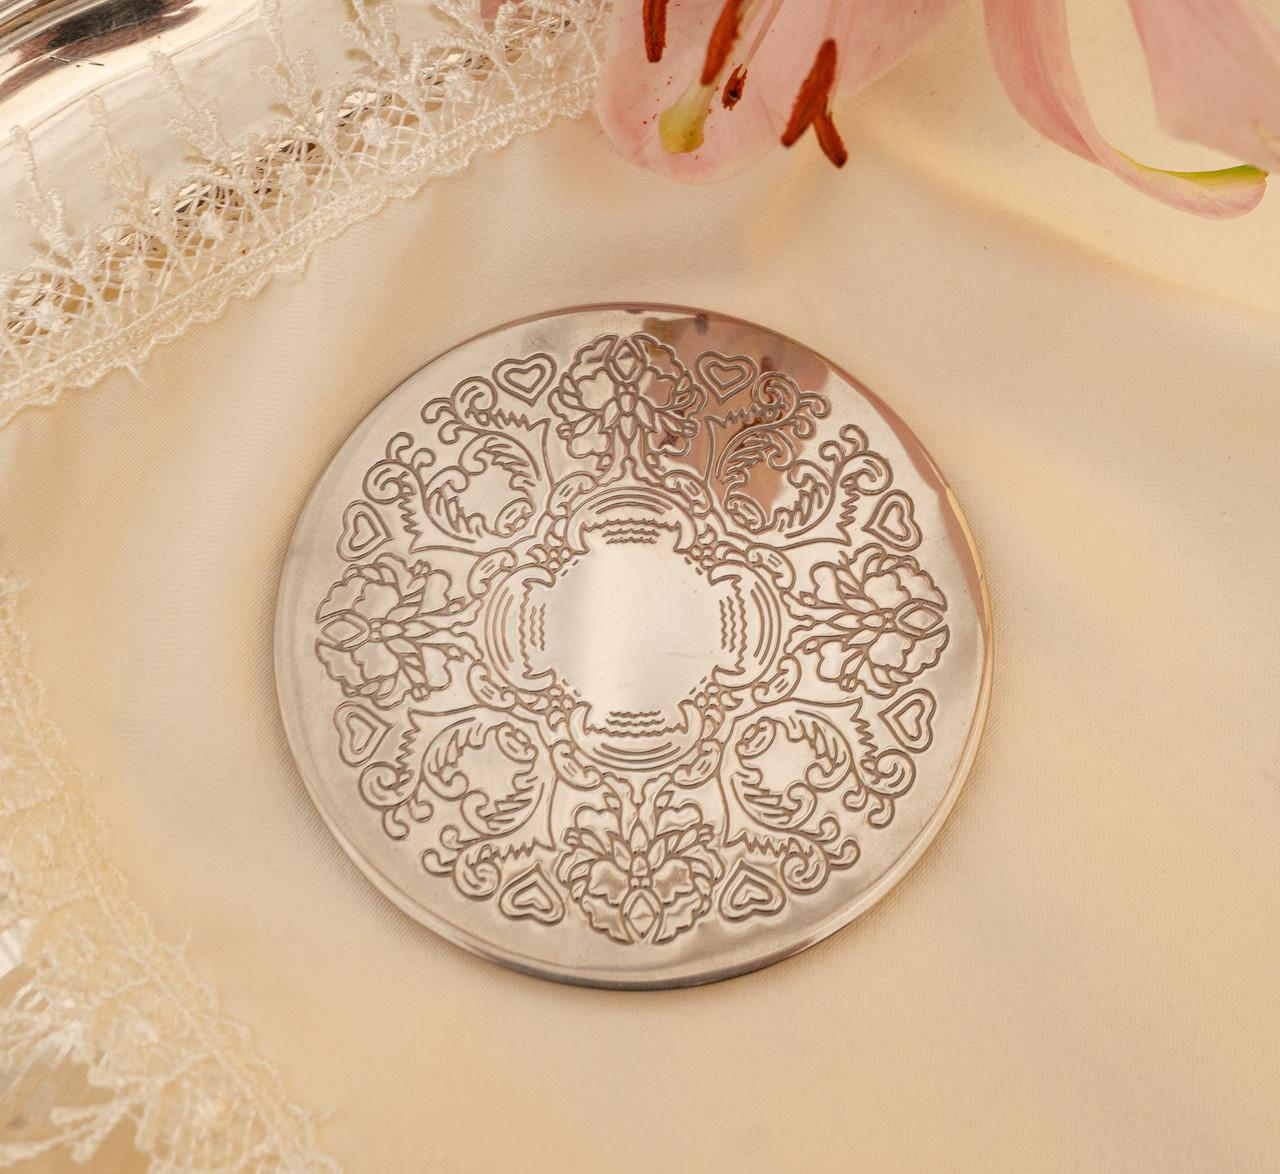 Английская посеребренная подставка под чашку, серебрение, Англия, винтаж